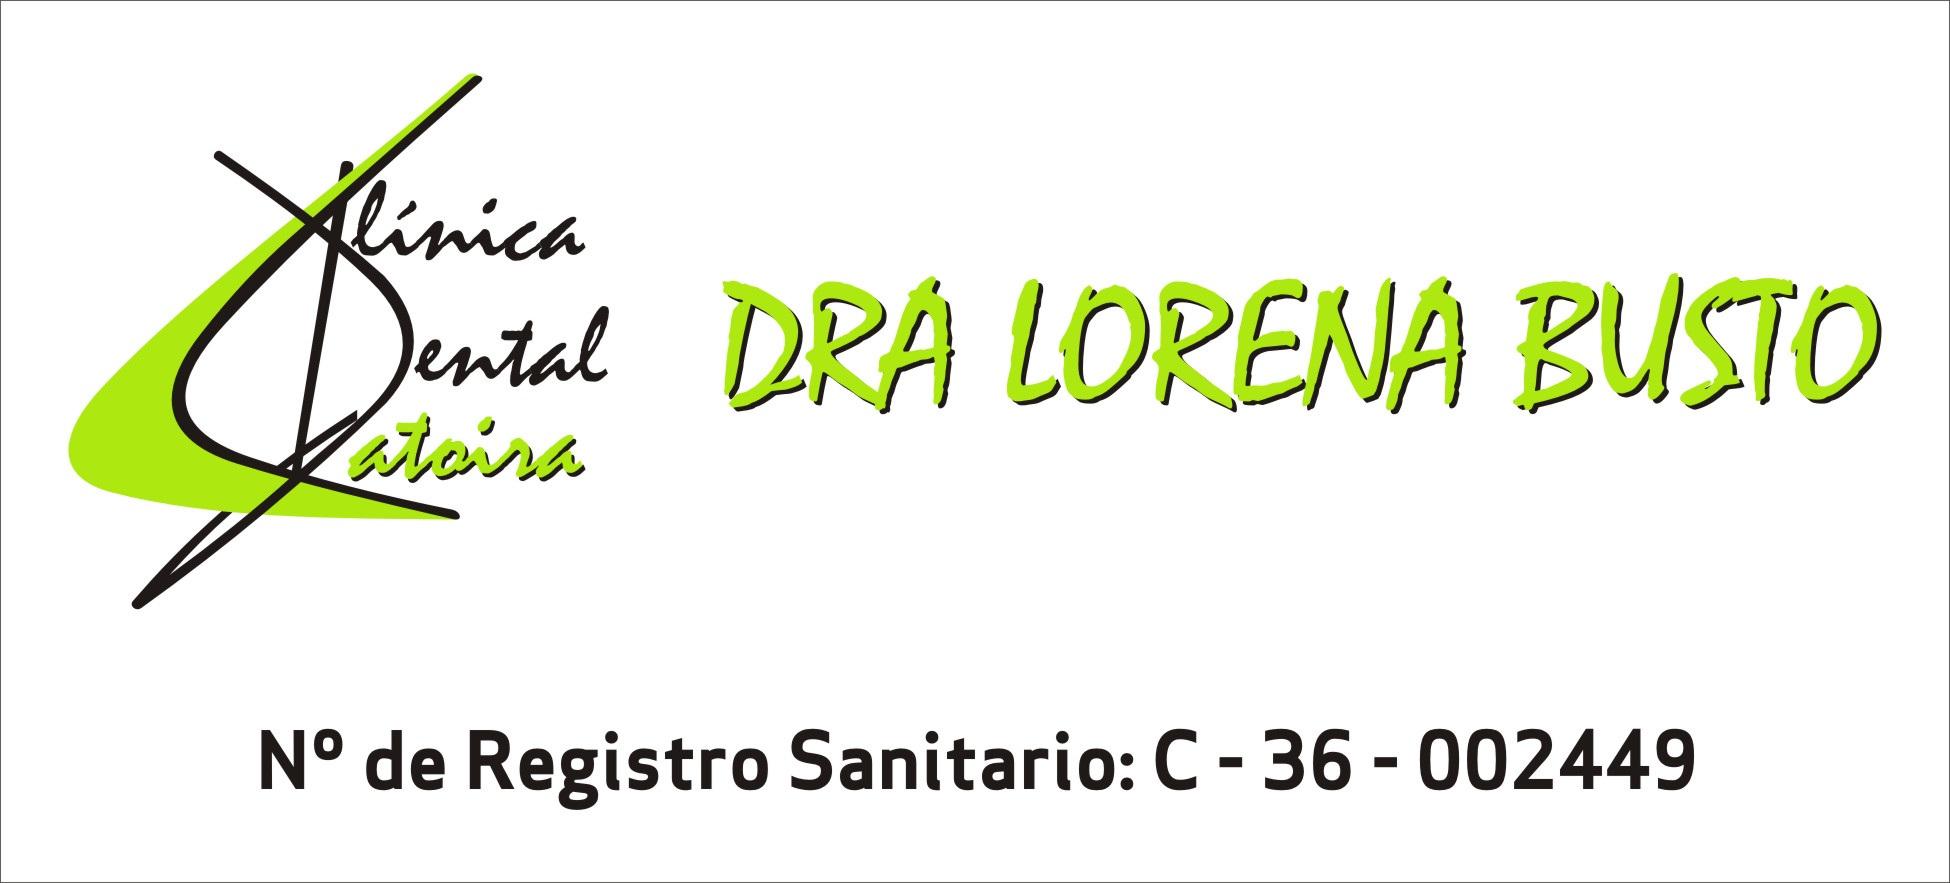 Clínica Dental Catoira Dra. Lorena Busto